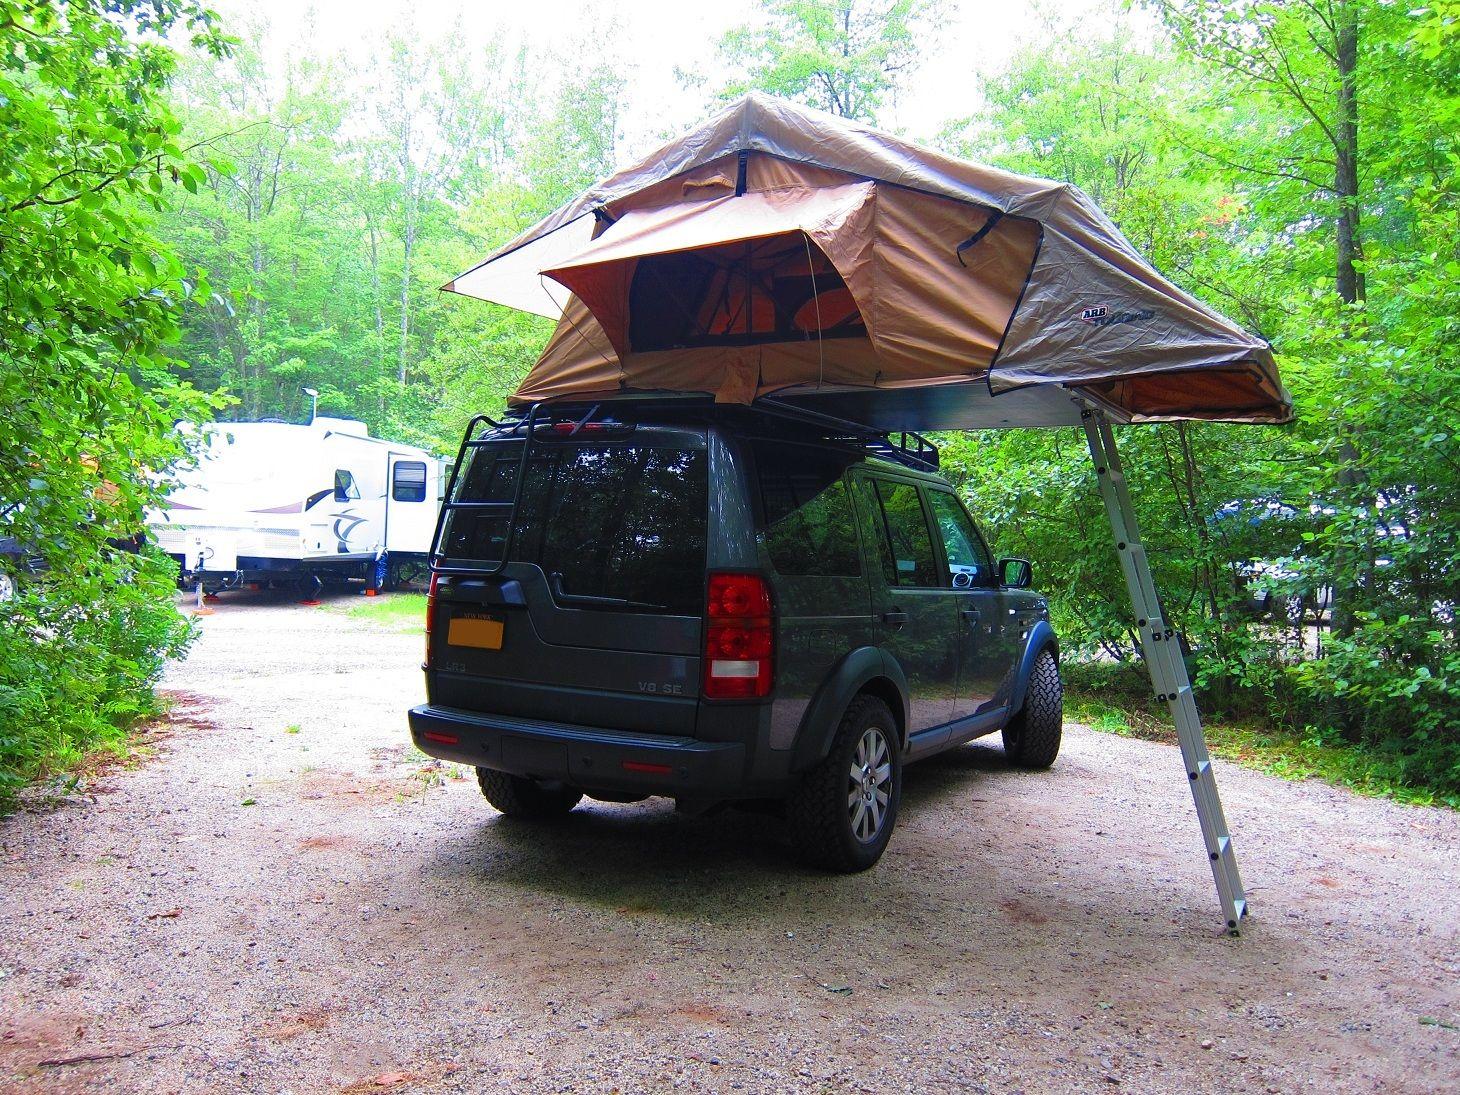 LR3 Voyager roof rack - Land Rover Forums - Land Rover Enthusiast Forum & LR3 Voyager roof rack - Land Rover Forums - Land Rover Enthusiast ...